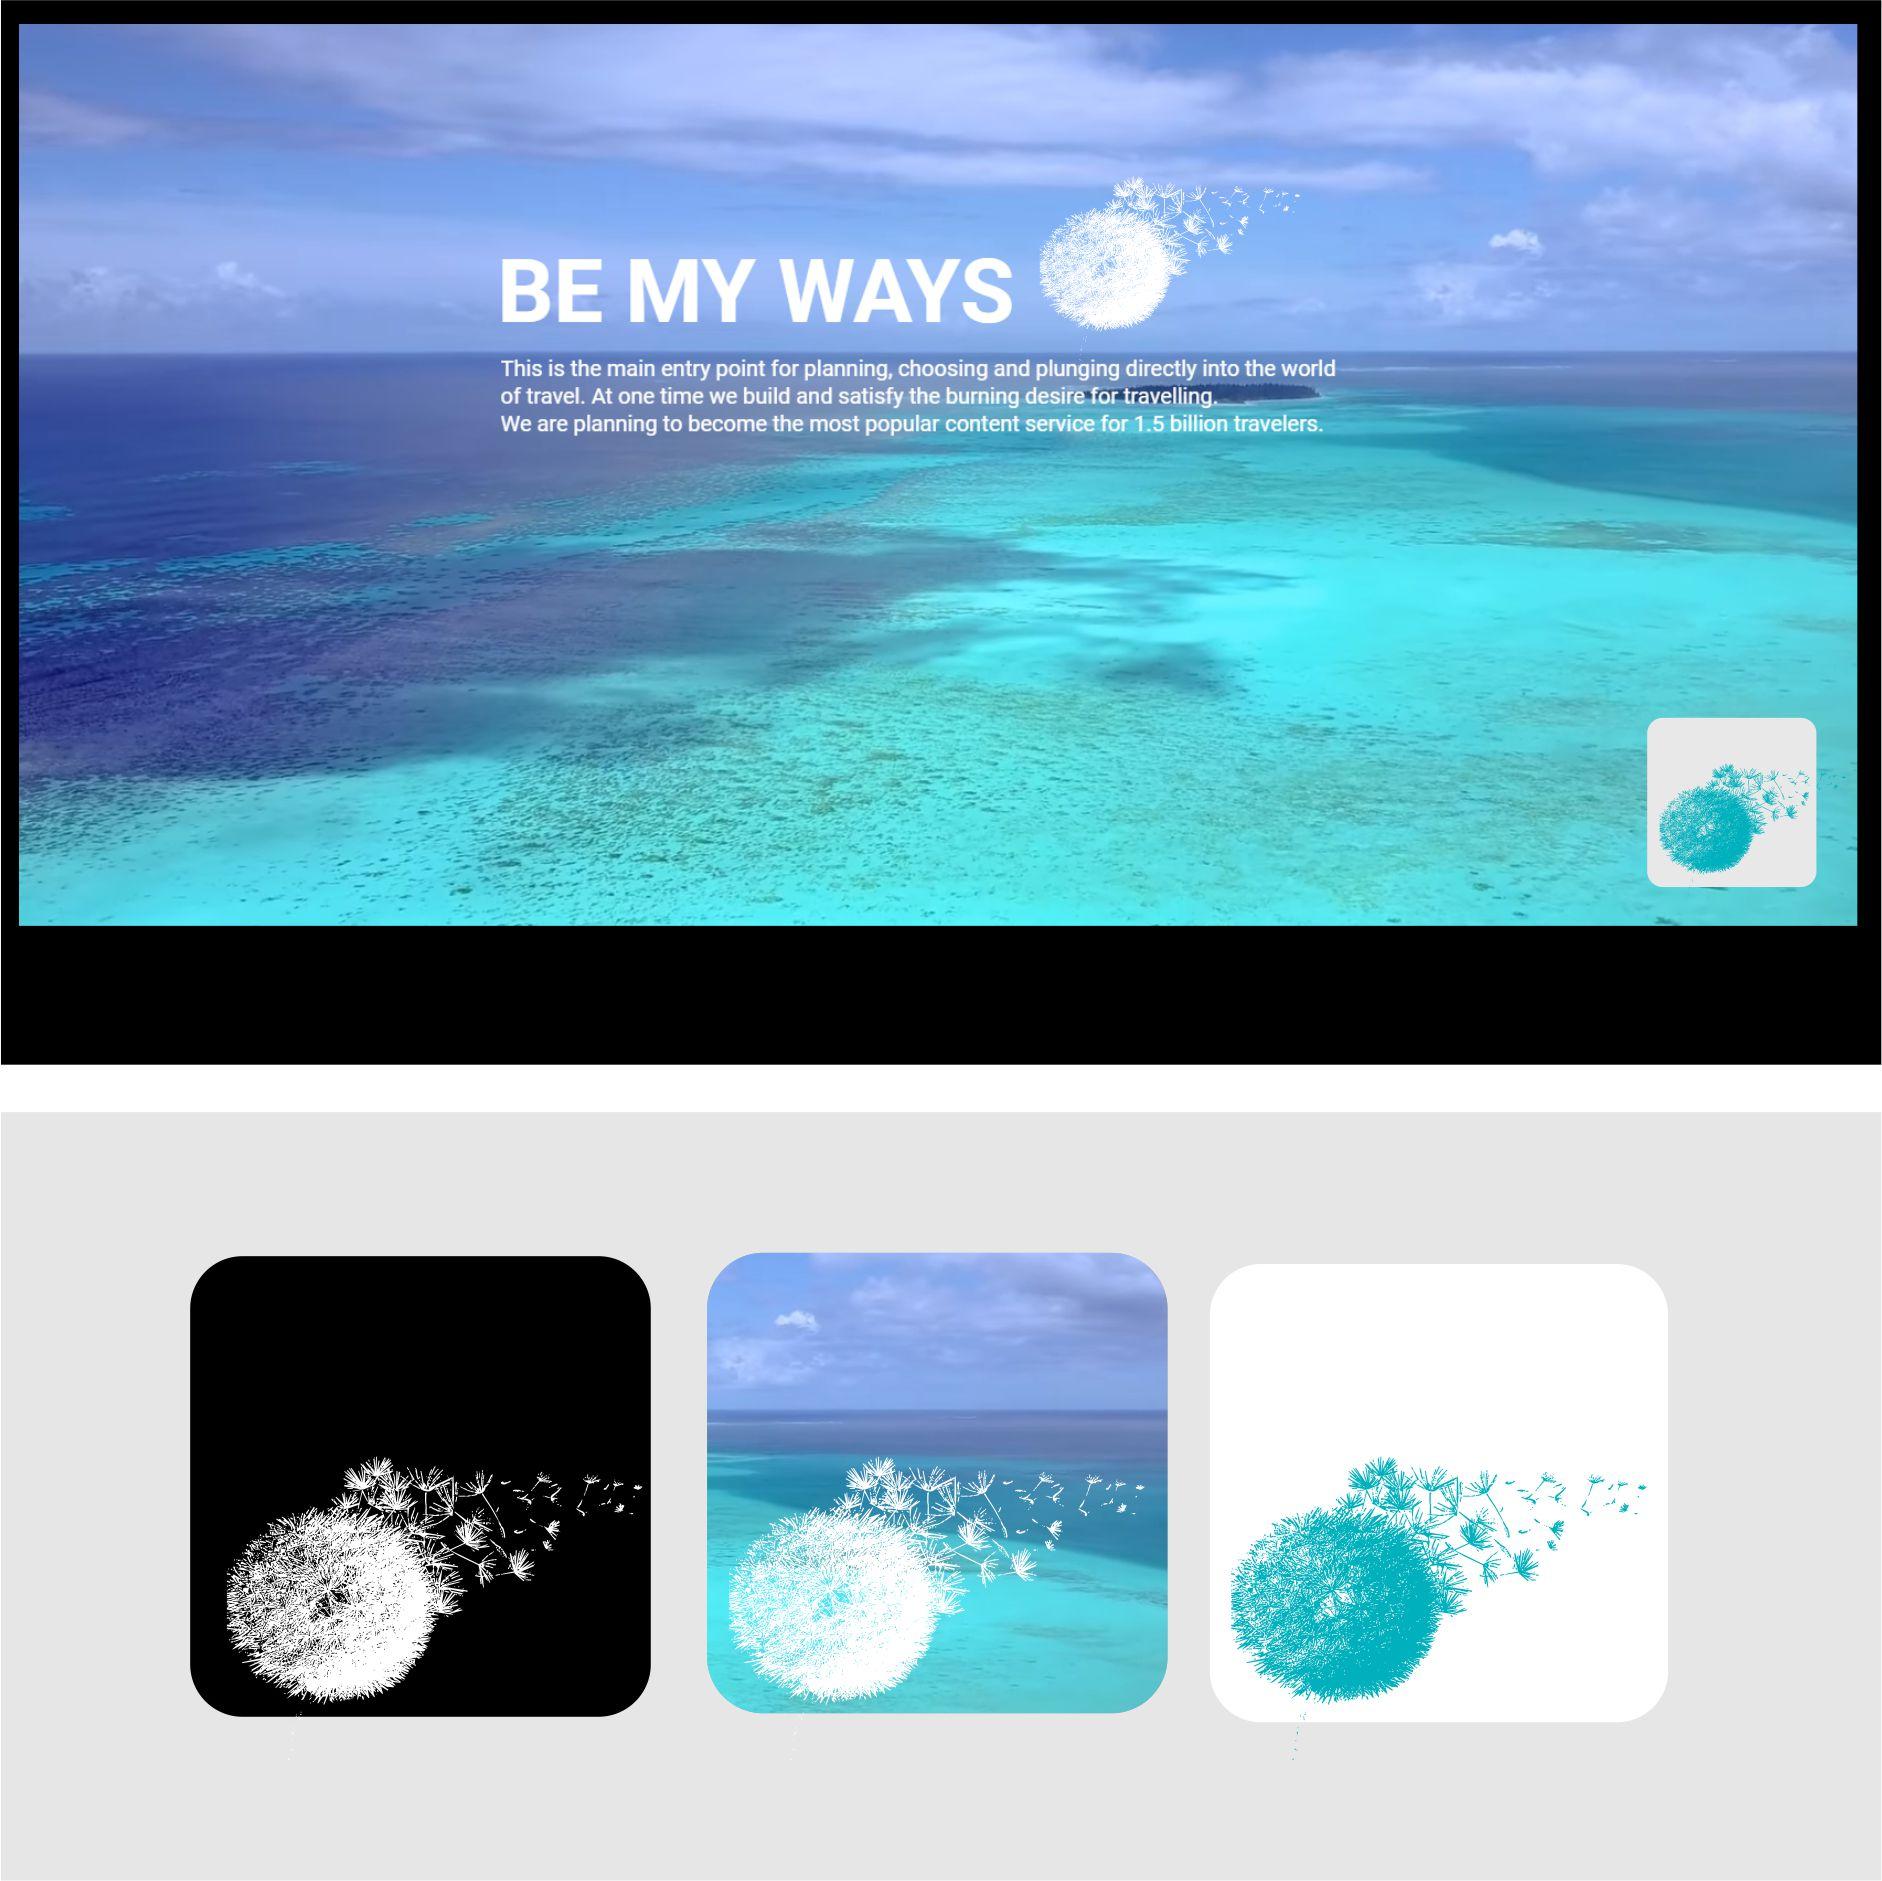 Разработка логотипа и иконки для Travel Video Platform фото f_1675c3c604a9174c.jpg